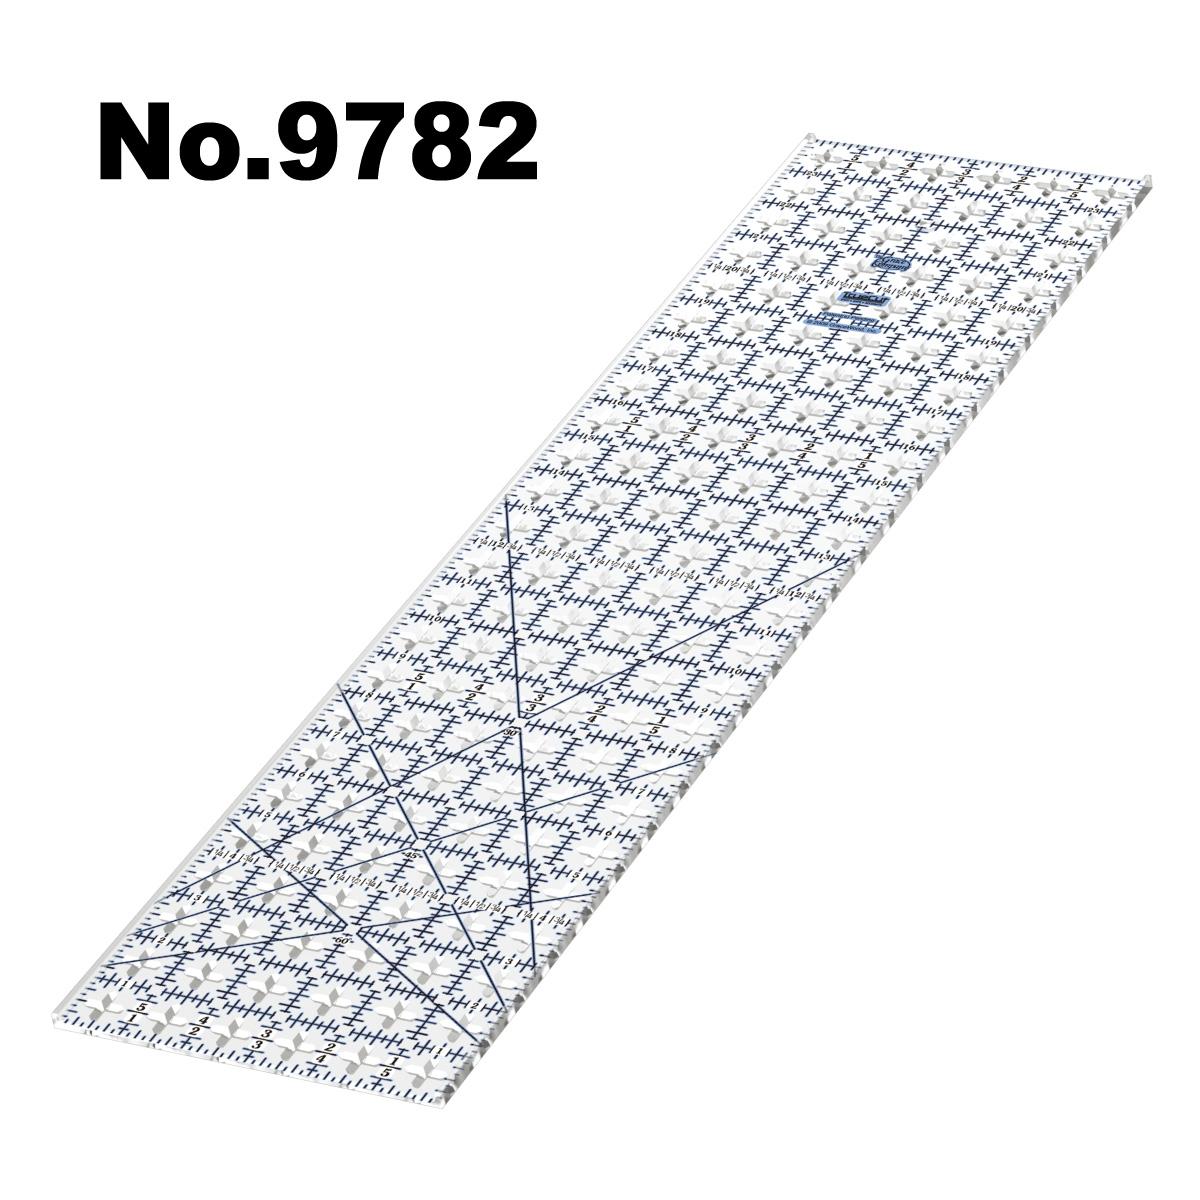 ガイドカッター定規 6.0x24.0インチ(約15.2x61.0cm)トゥルーカッター(TrueCut)専用定規